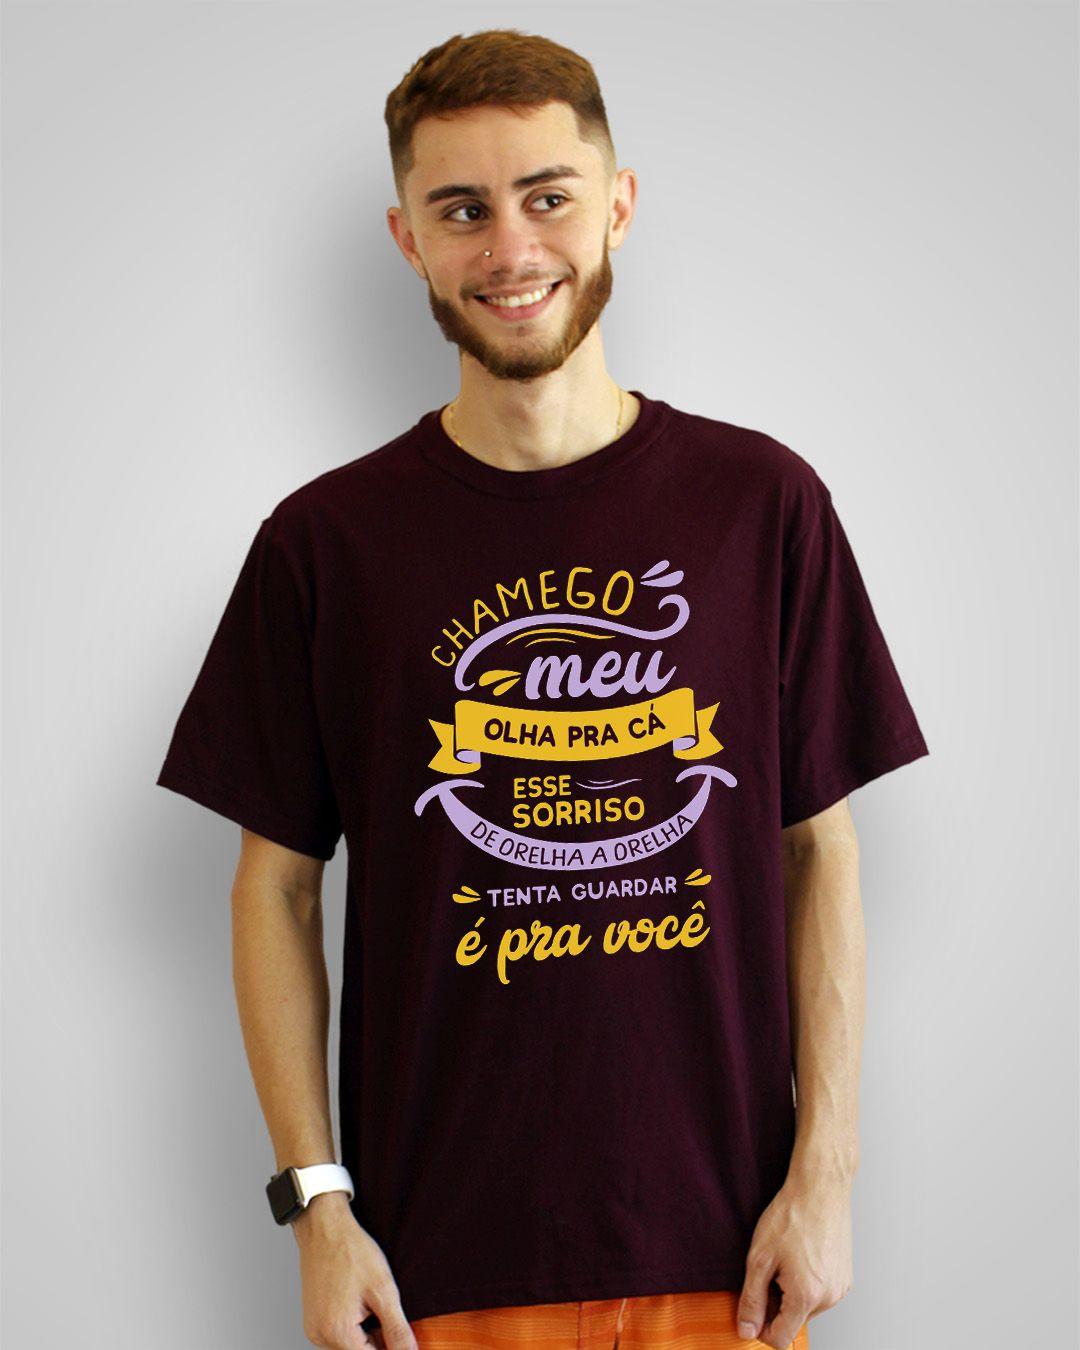 Camiseta Chamego meu, olha pra cá... - Anavitória